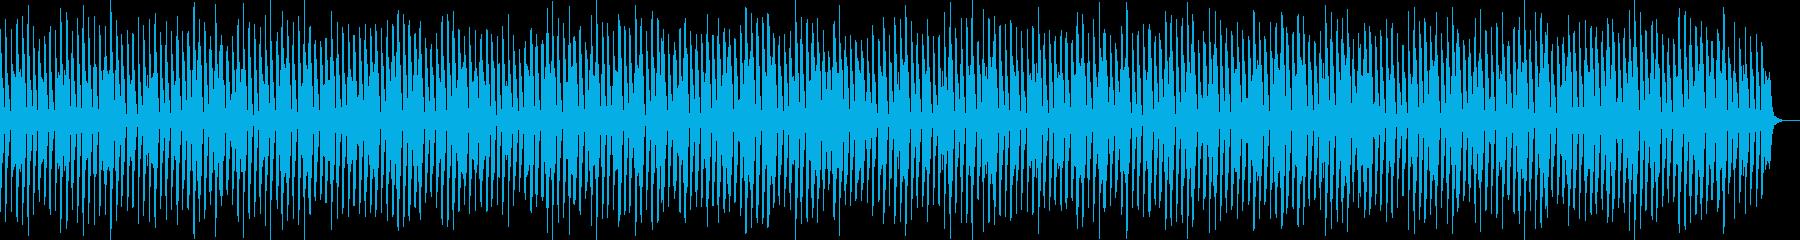 スキップ・明るい・日常・ポップの再生済みの波形